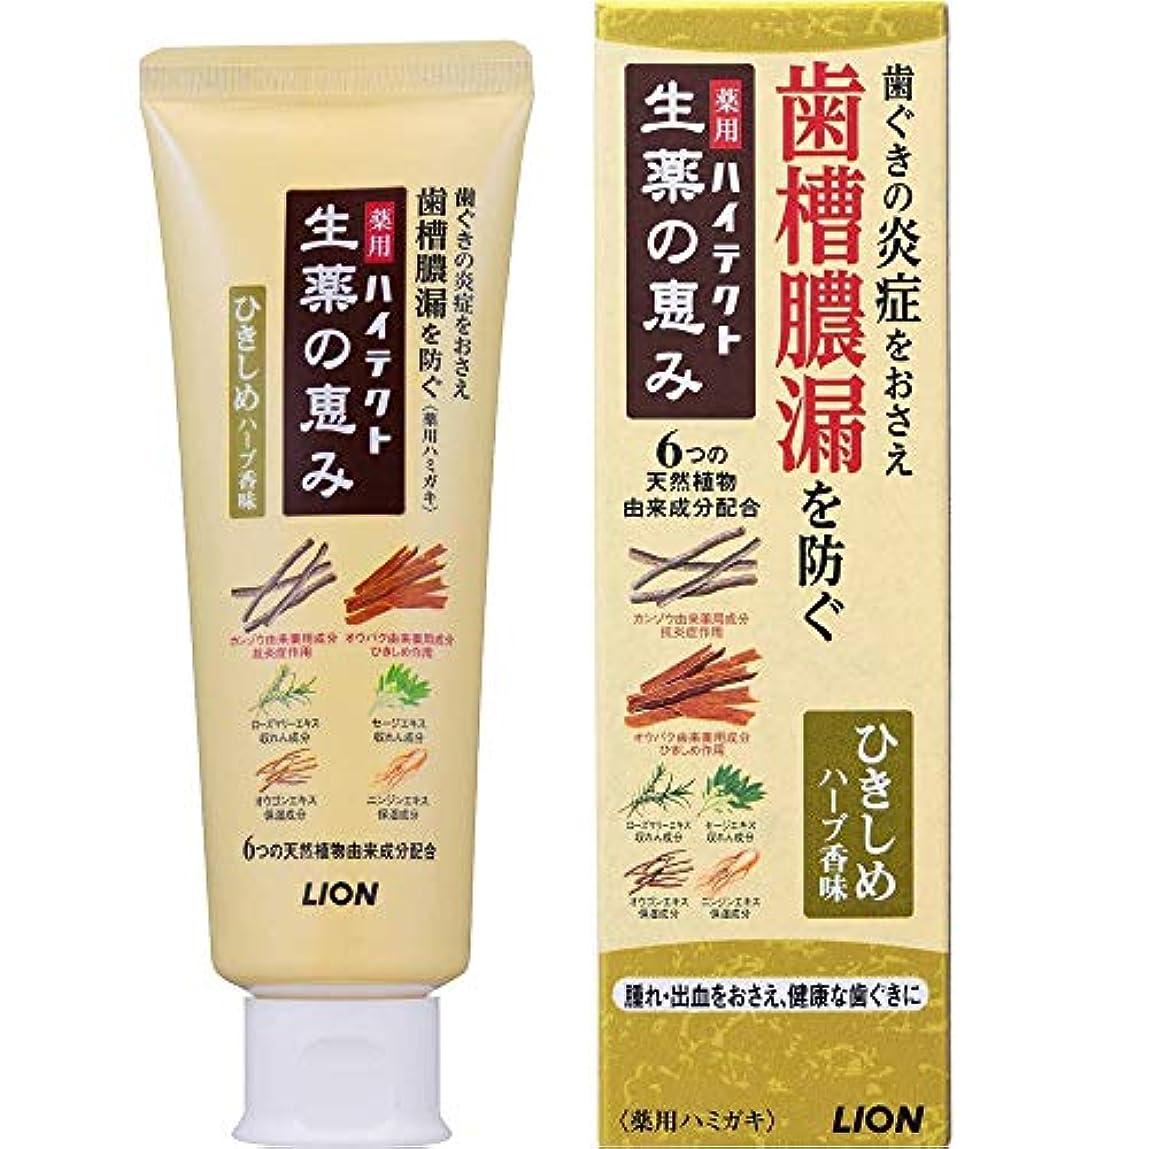 恒久的スピーカー味薬用ハイテクト生薬の恵み ひきしめハーブ香味 90g